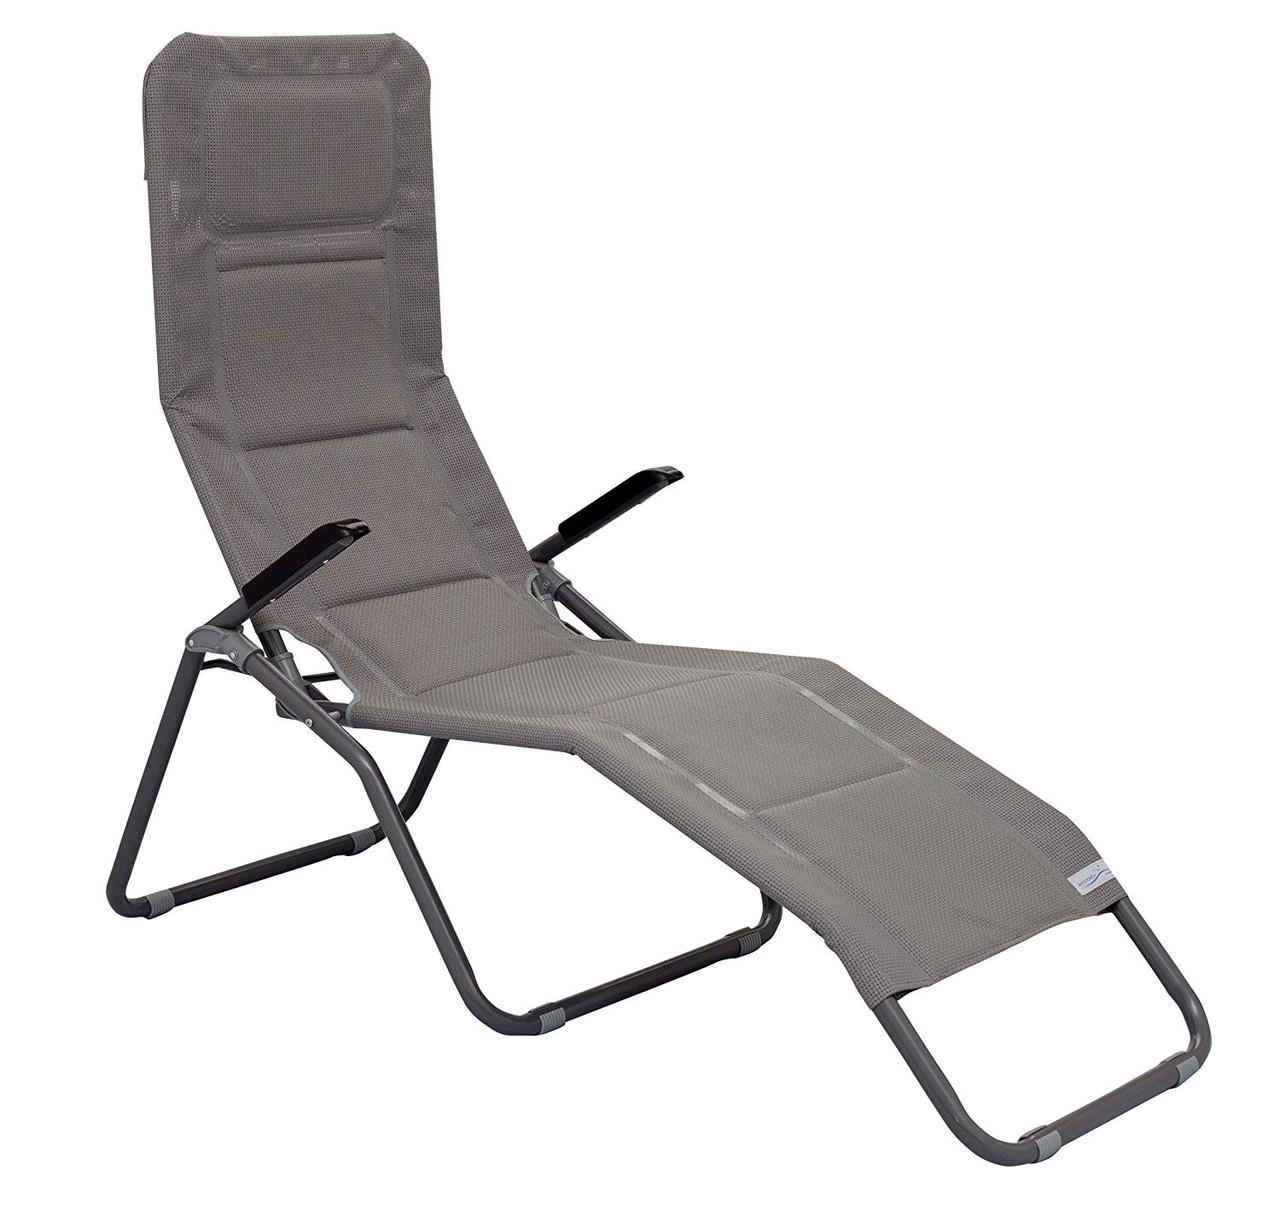 Садовое кресло шезлонг раскладное - Meerweh 153 x 72 x 126 см